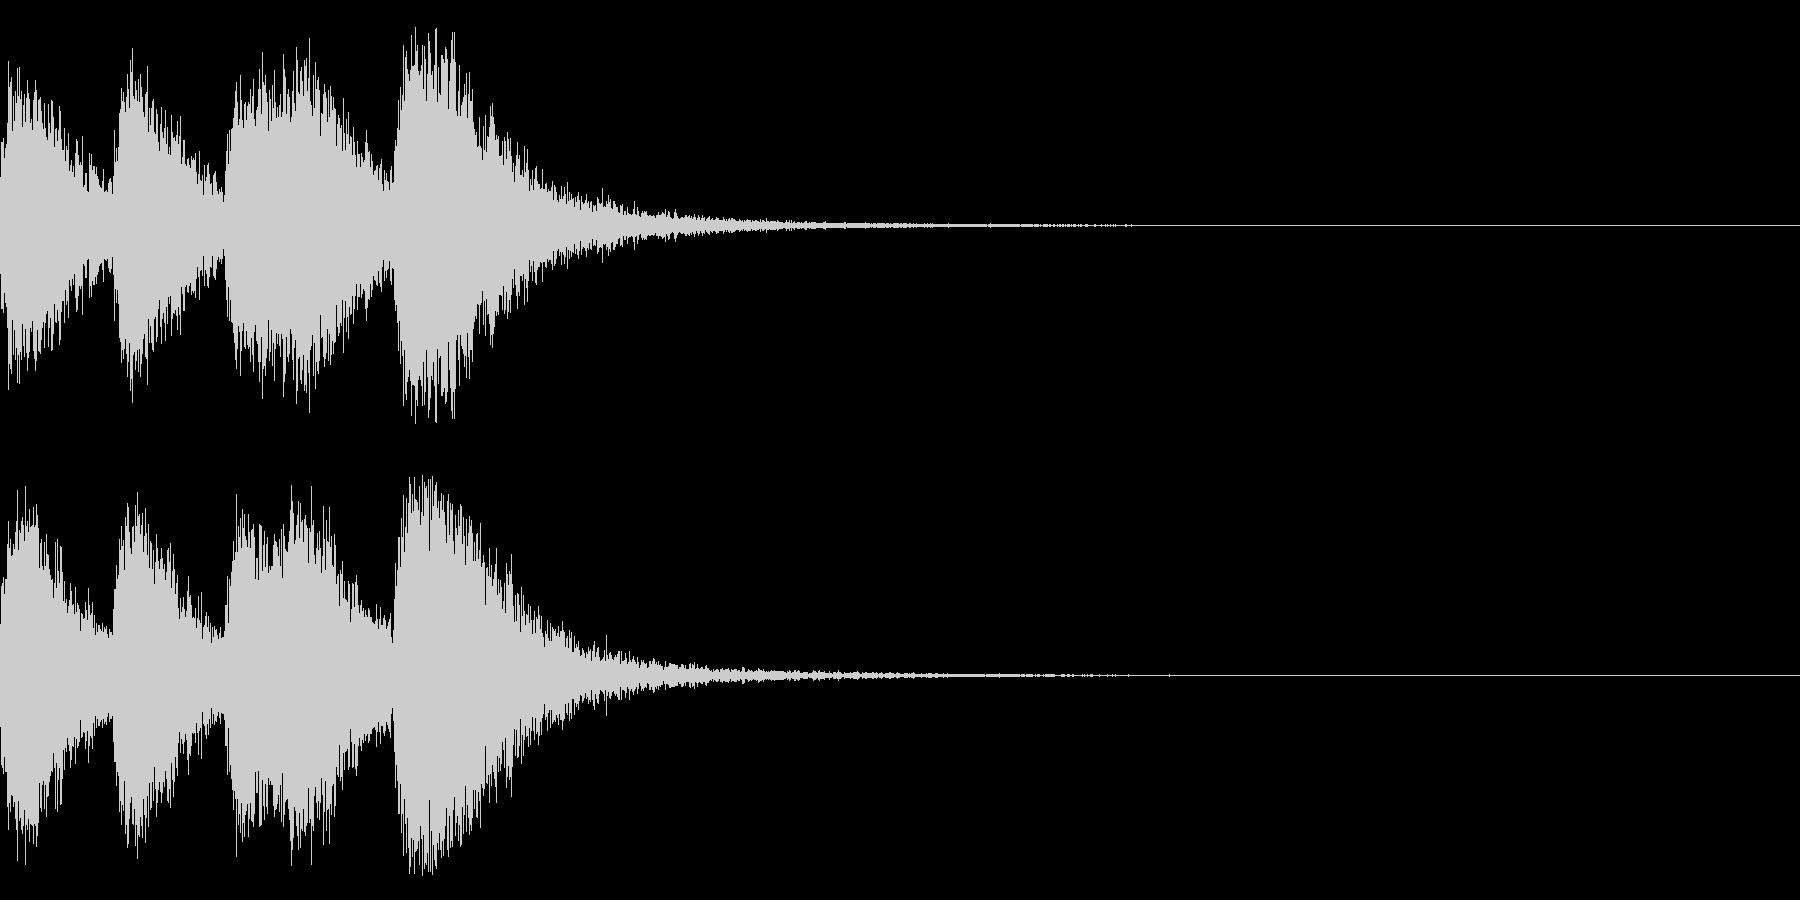 オーケストラヒット ジングル! 04cの未再生の波形